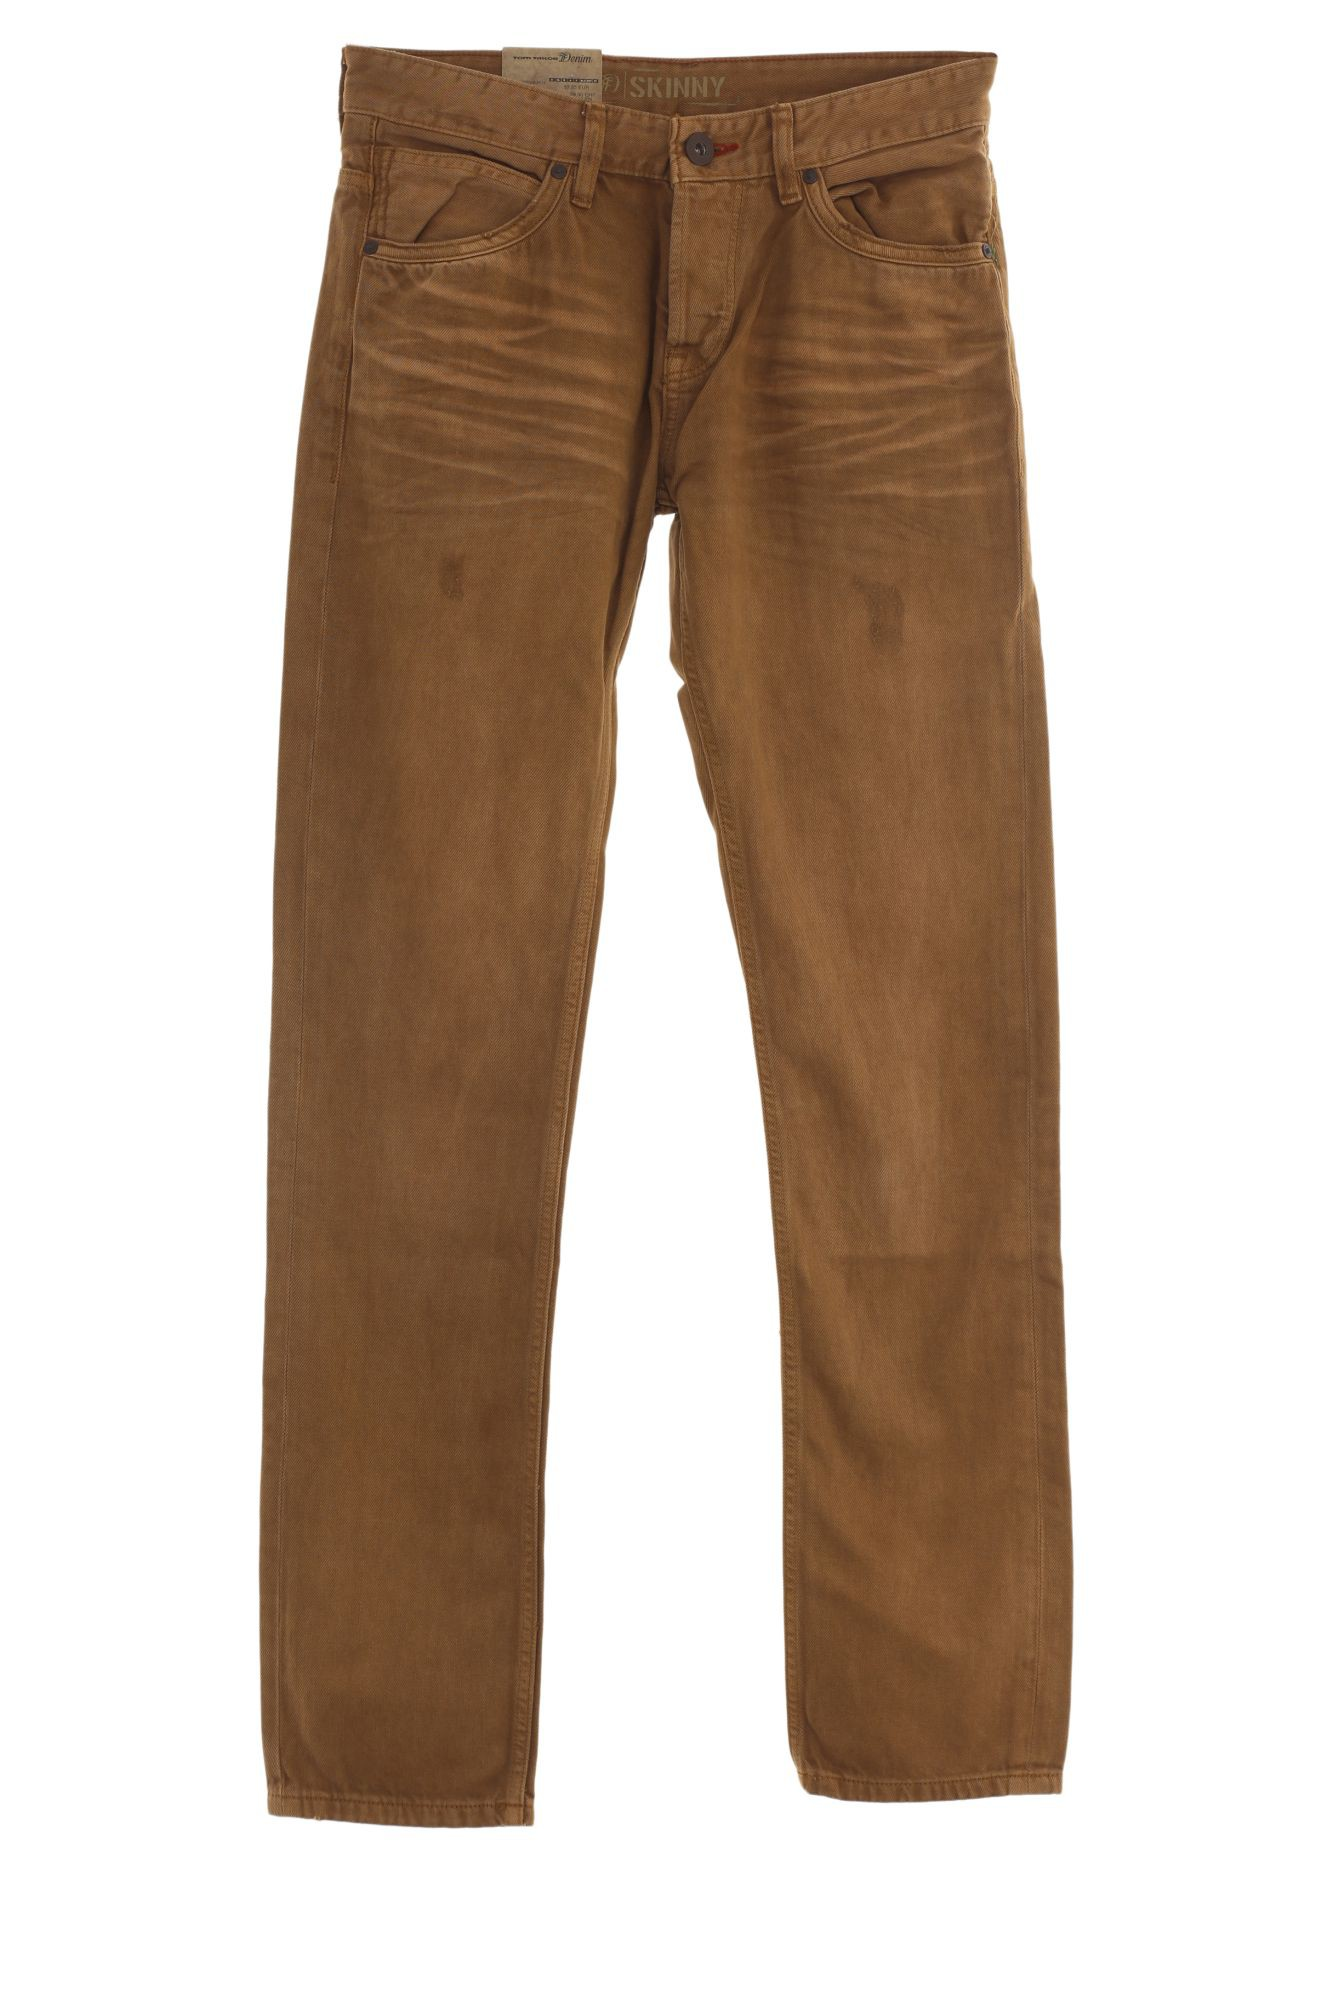 tomtailor jeans skinny damen ebay. Black Bedroom Furniture Sets. Home Design Ideas